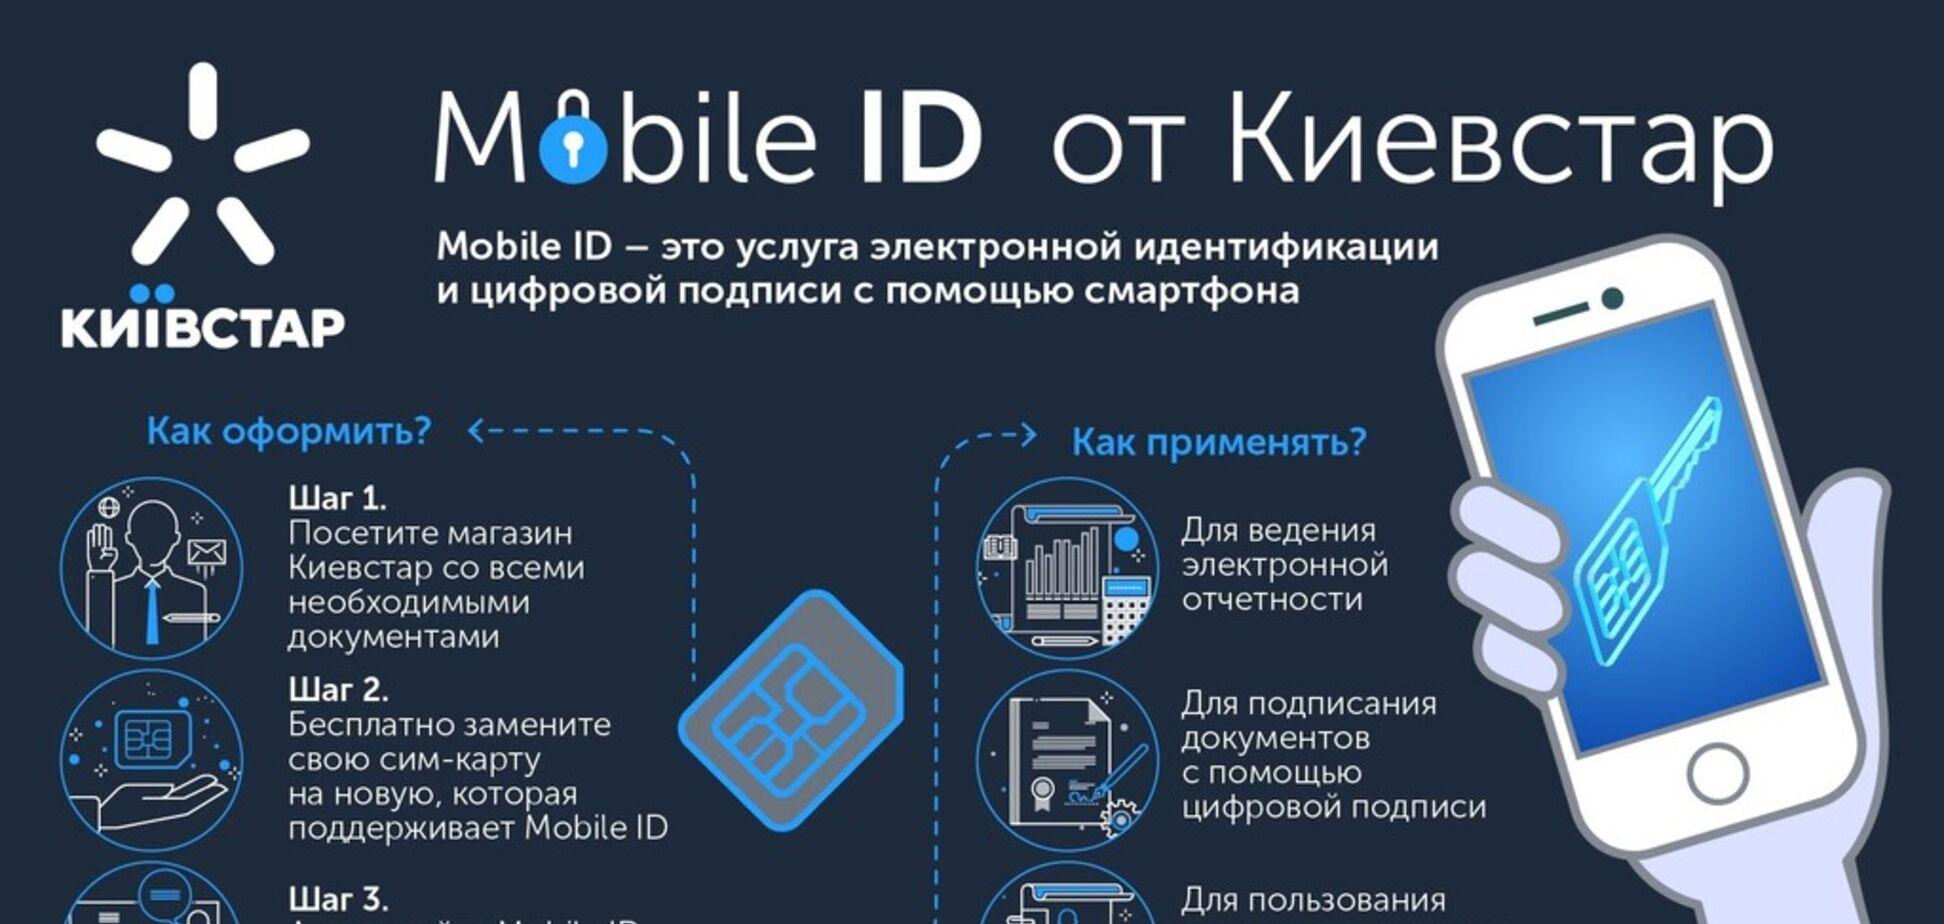 Київстар скасовує плату за користування послугою Mobile ID